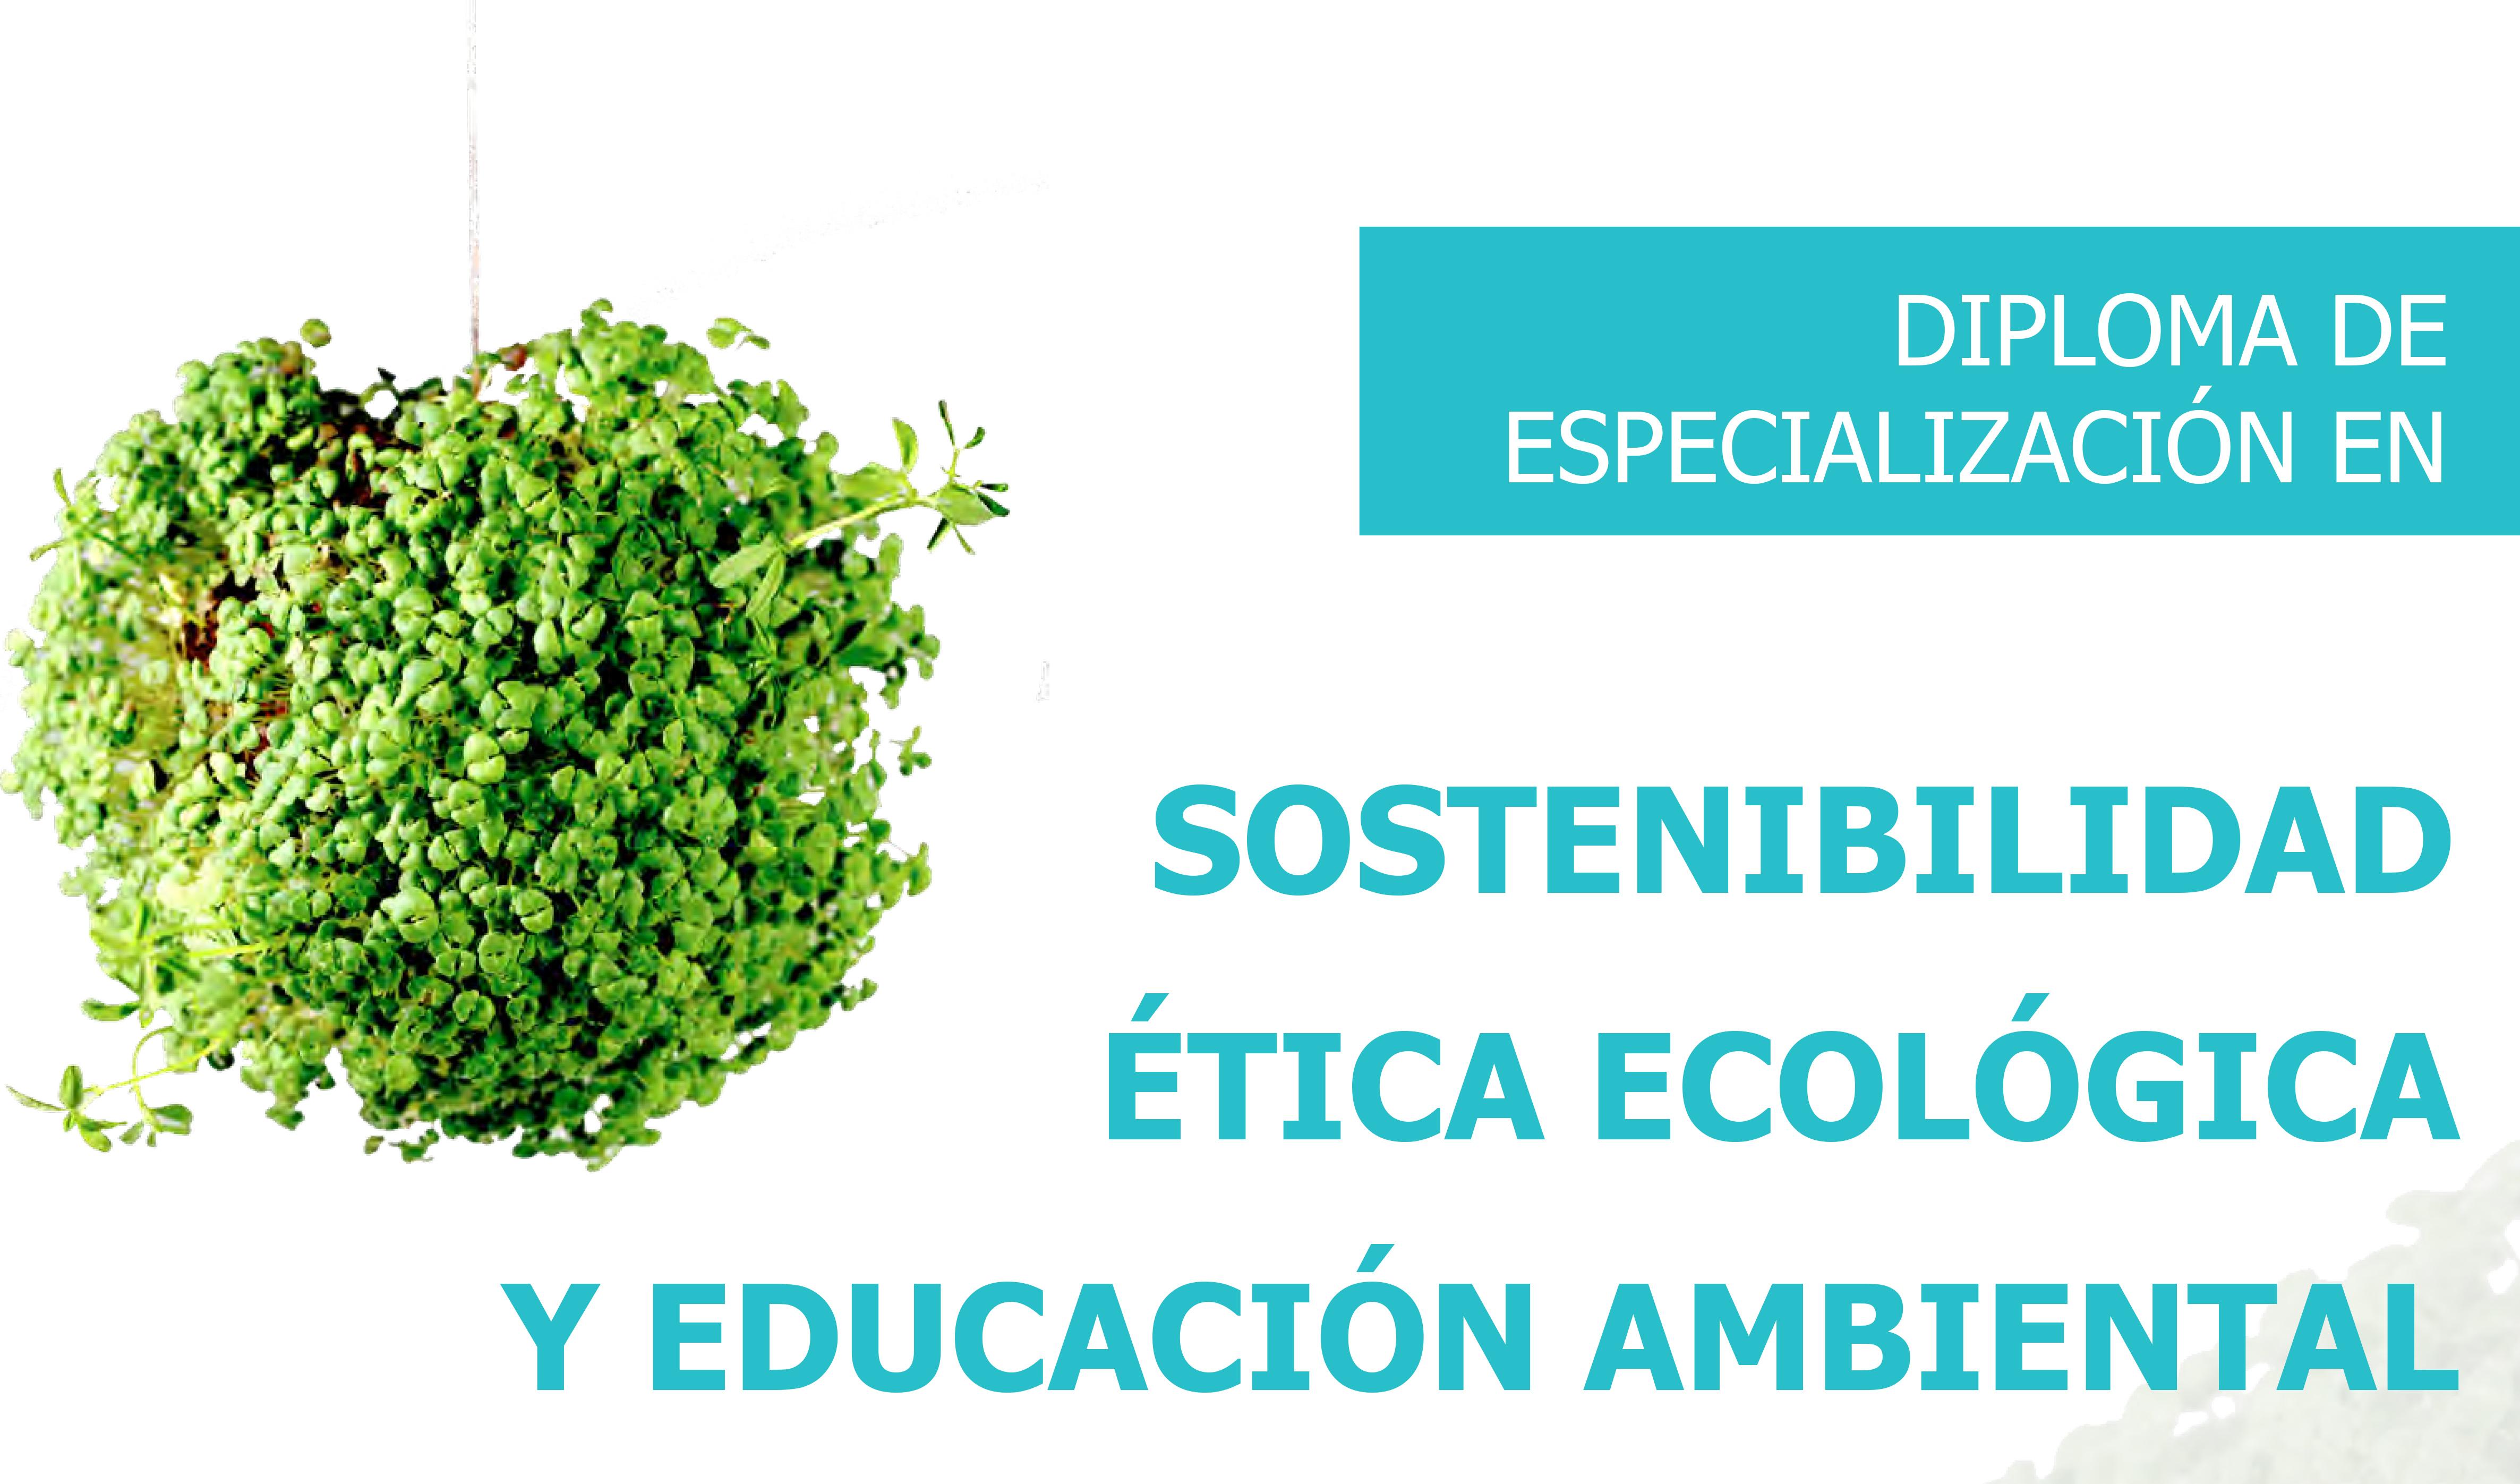 Diploma de Especialización en Sostenibilidad, Ética Ecológica y Educación Ambiental